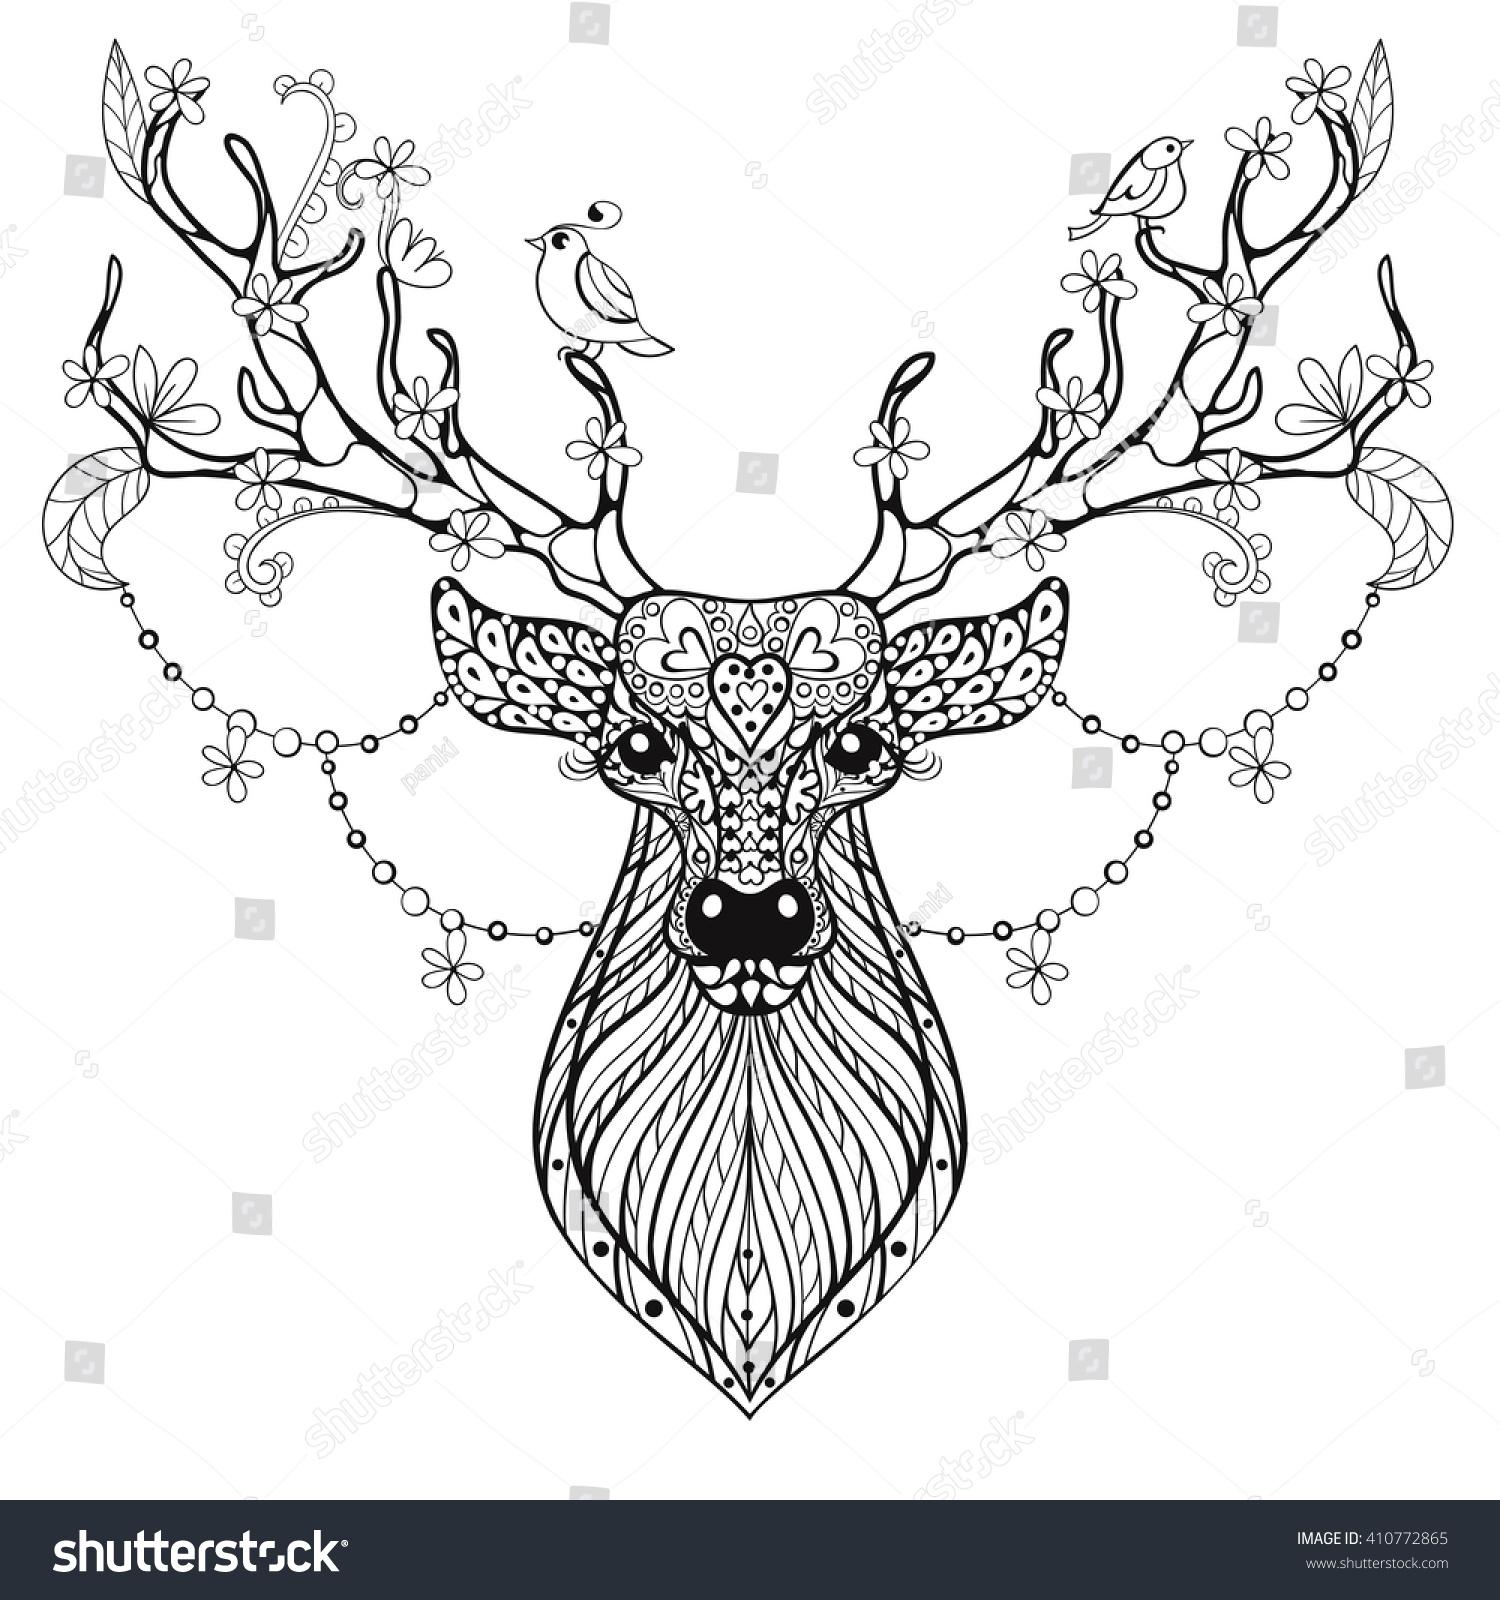 Zentangle Hand Drawn Magic Horned Deer Stock Vector